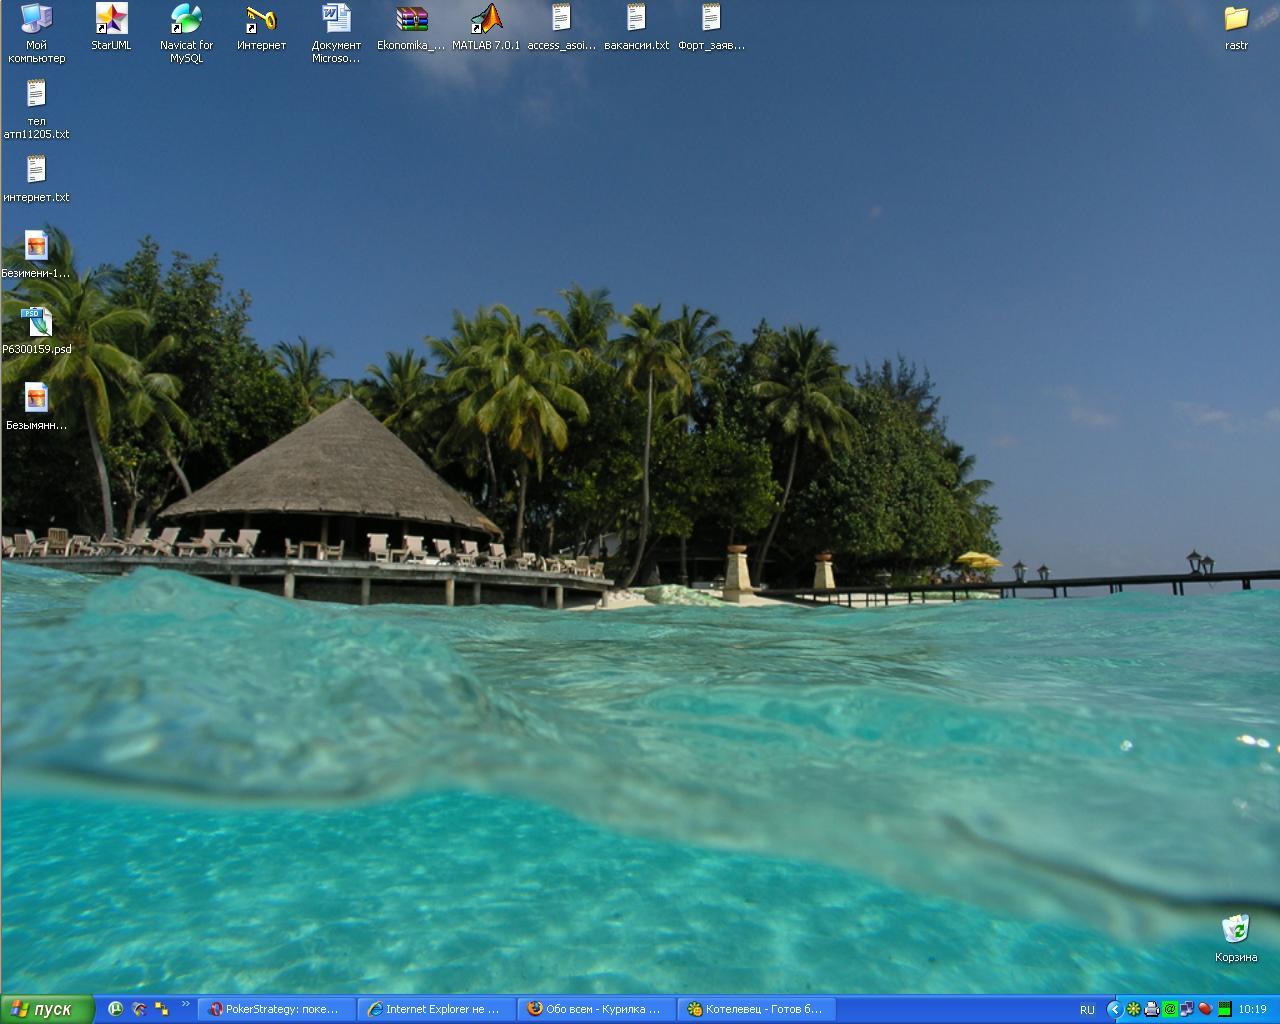 #4009. Favourite.  Море удачи и дачу у моря.  На Острове Свободы это выглядит примерно так.  Aндpей, с днем рождения!